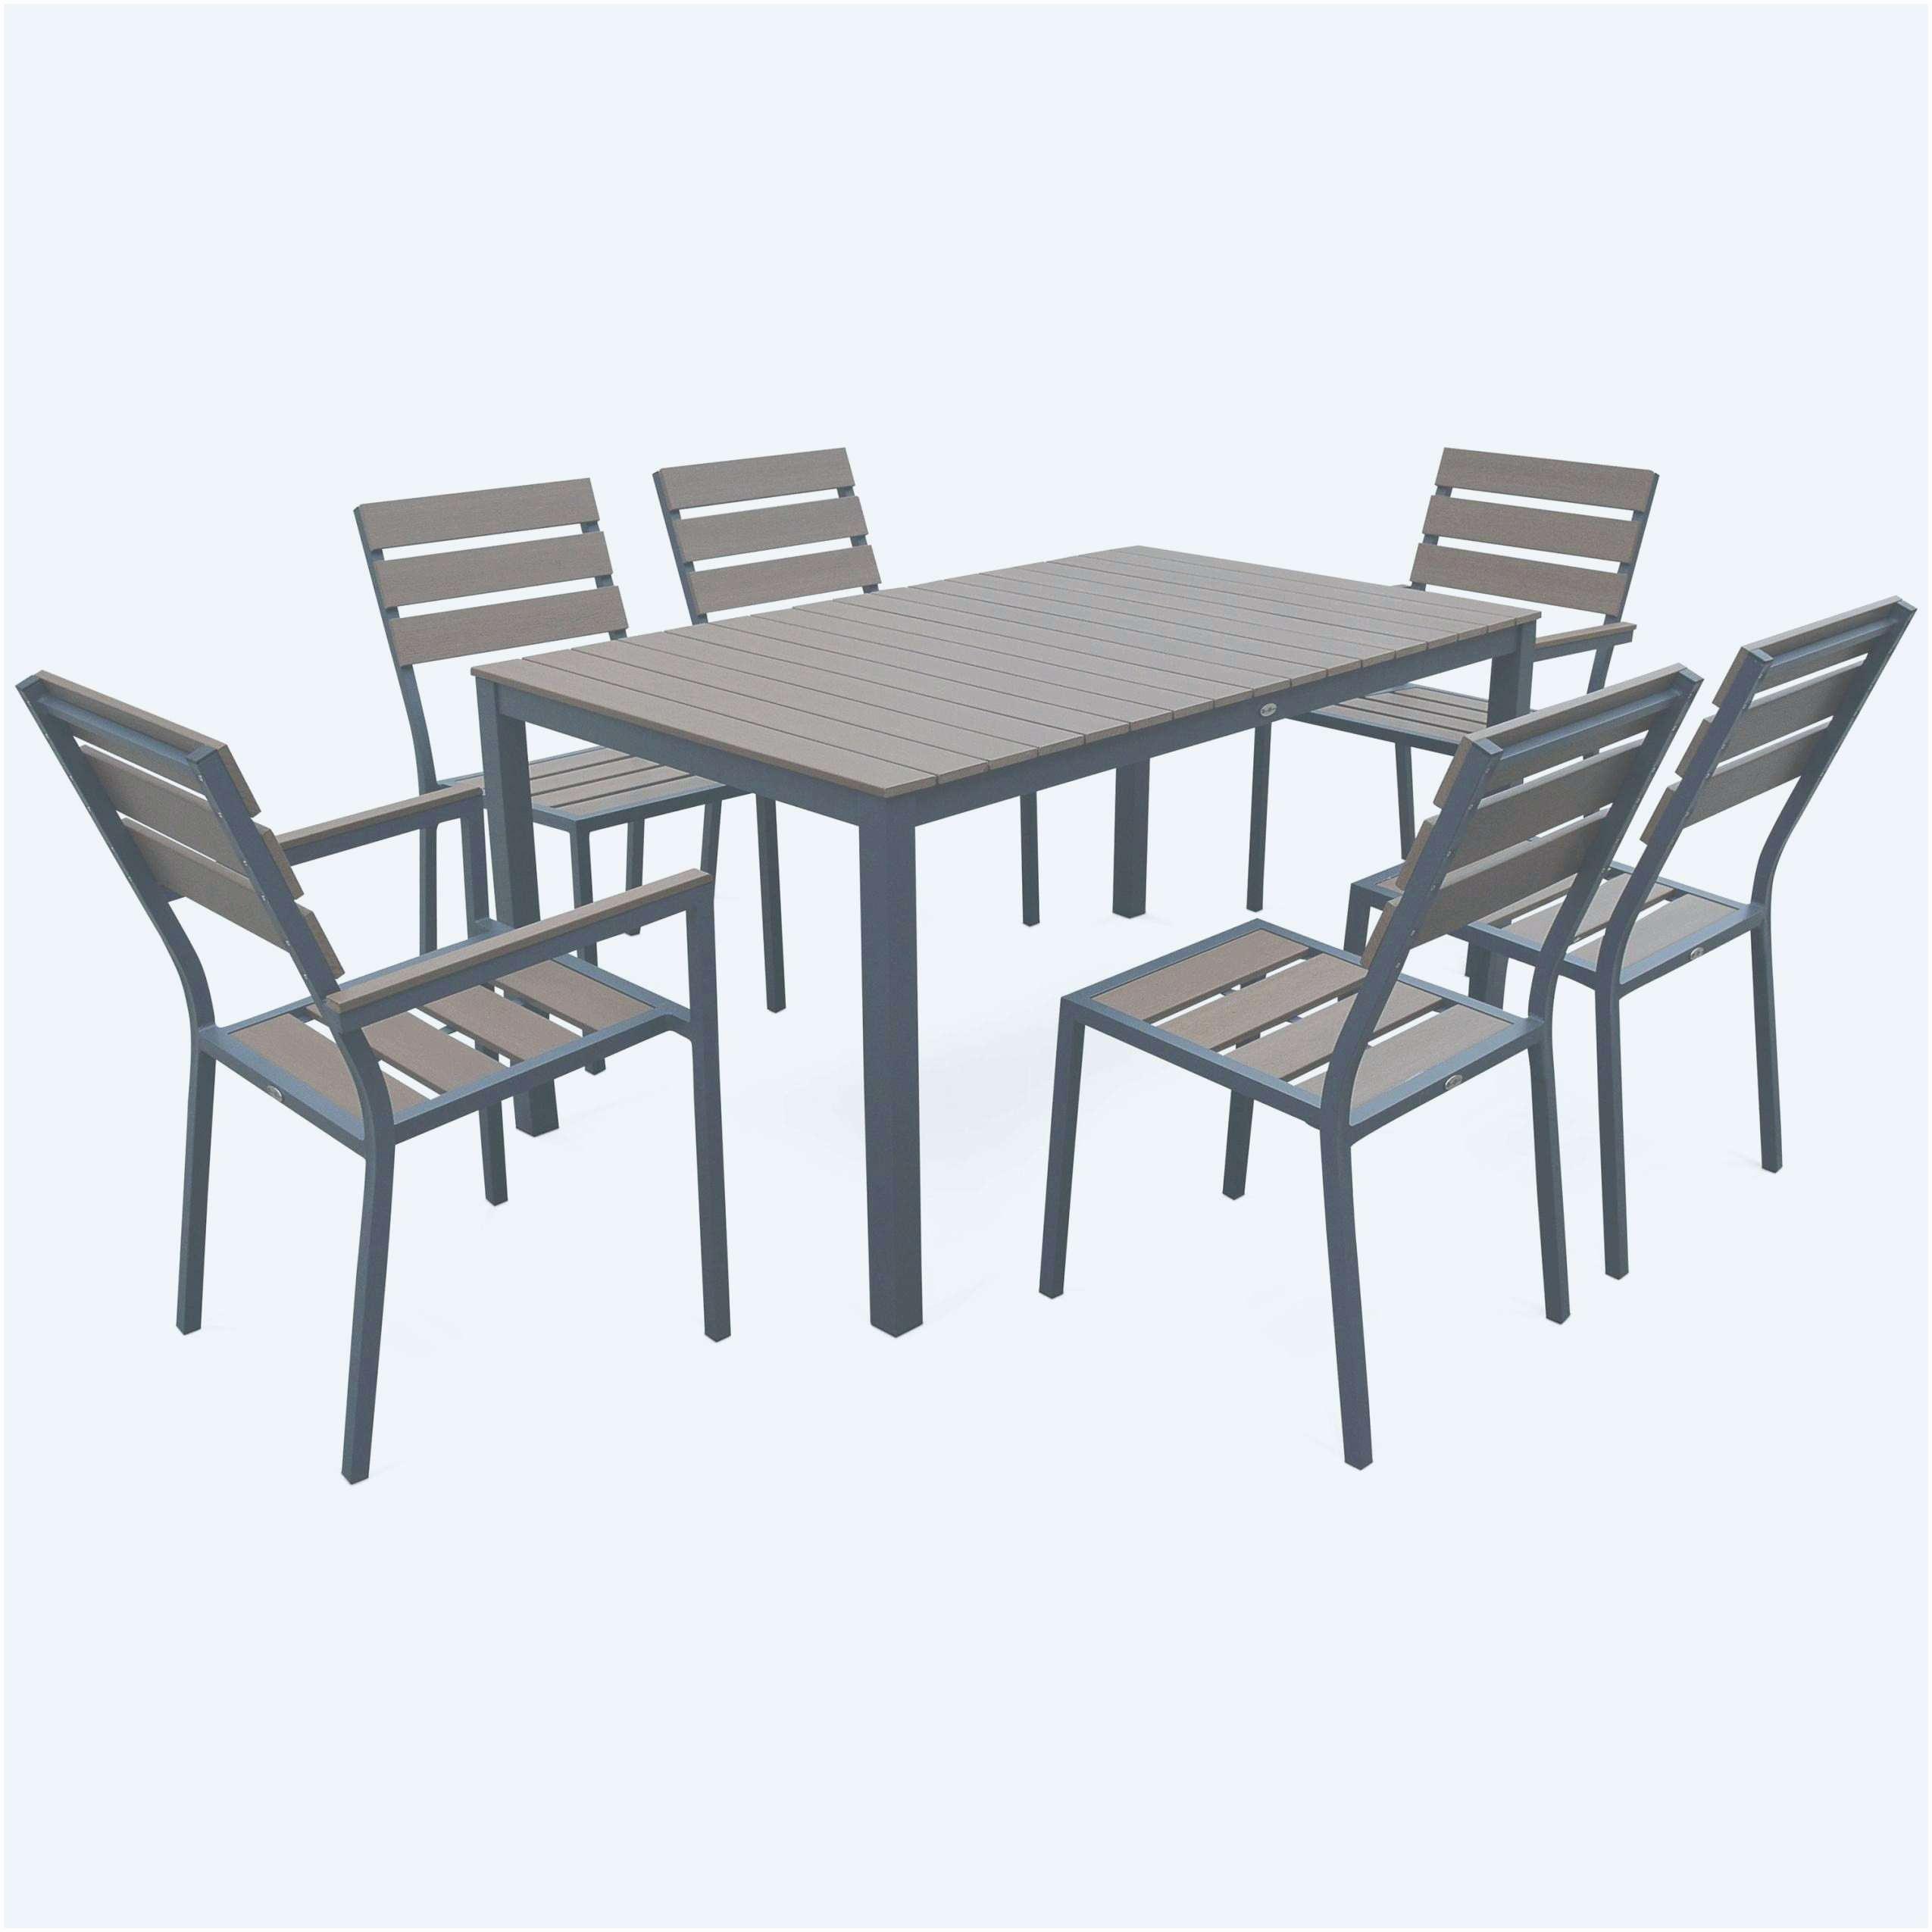 Table Basse Jardin Castorama Inspiré Table De Jardin Chez ... concernant Table De Jardin Castorama